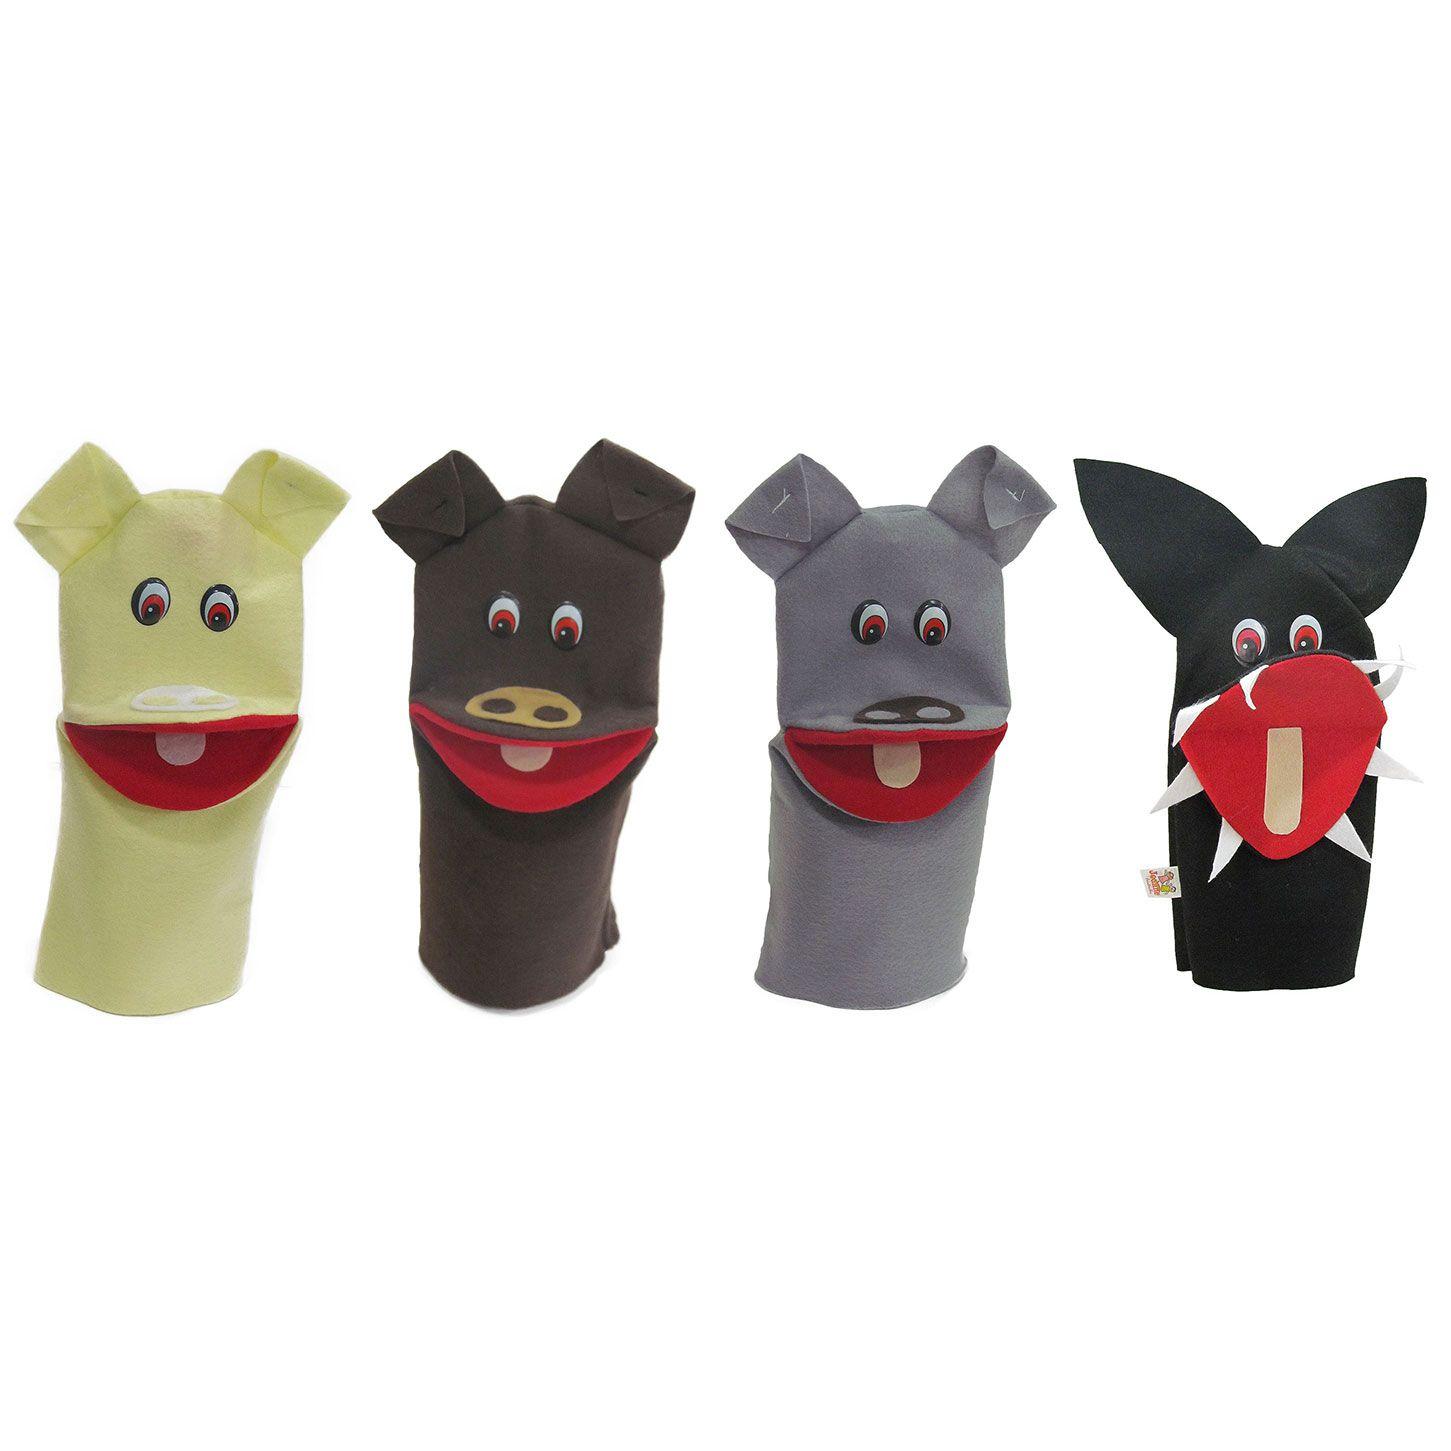 Fantoche em Feltro - Os Três Porquinhos